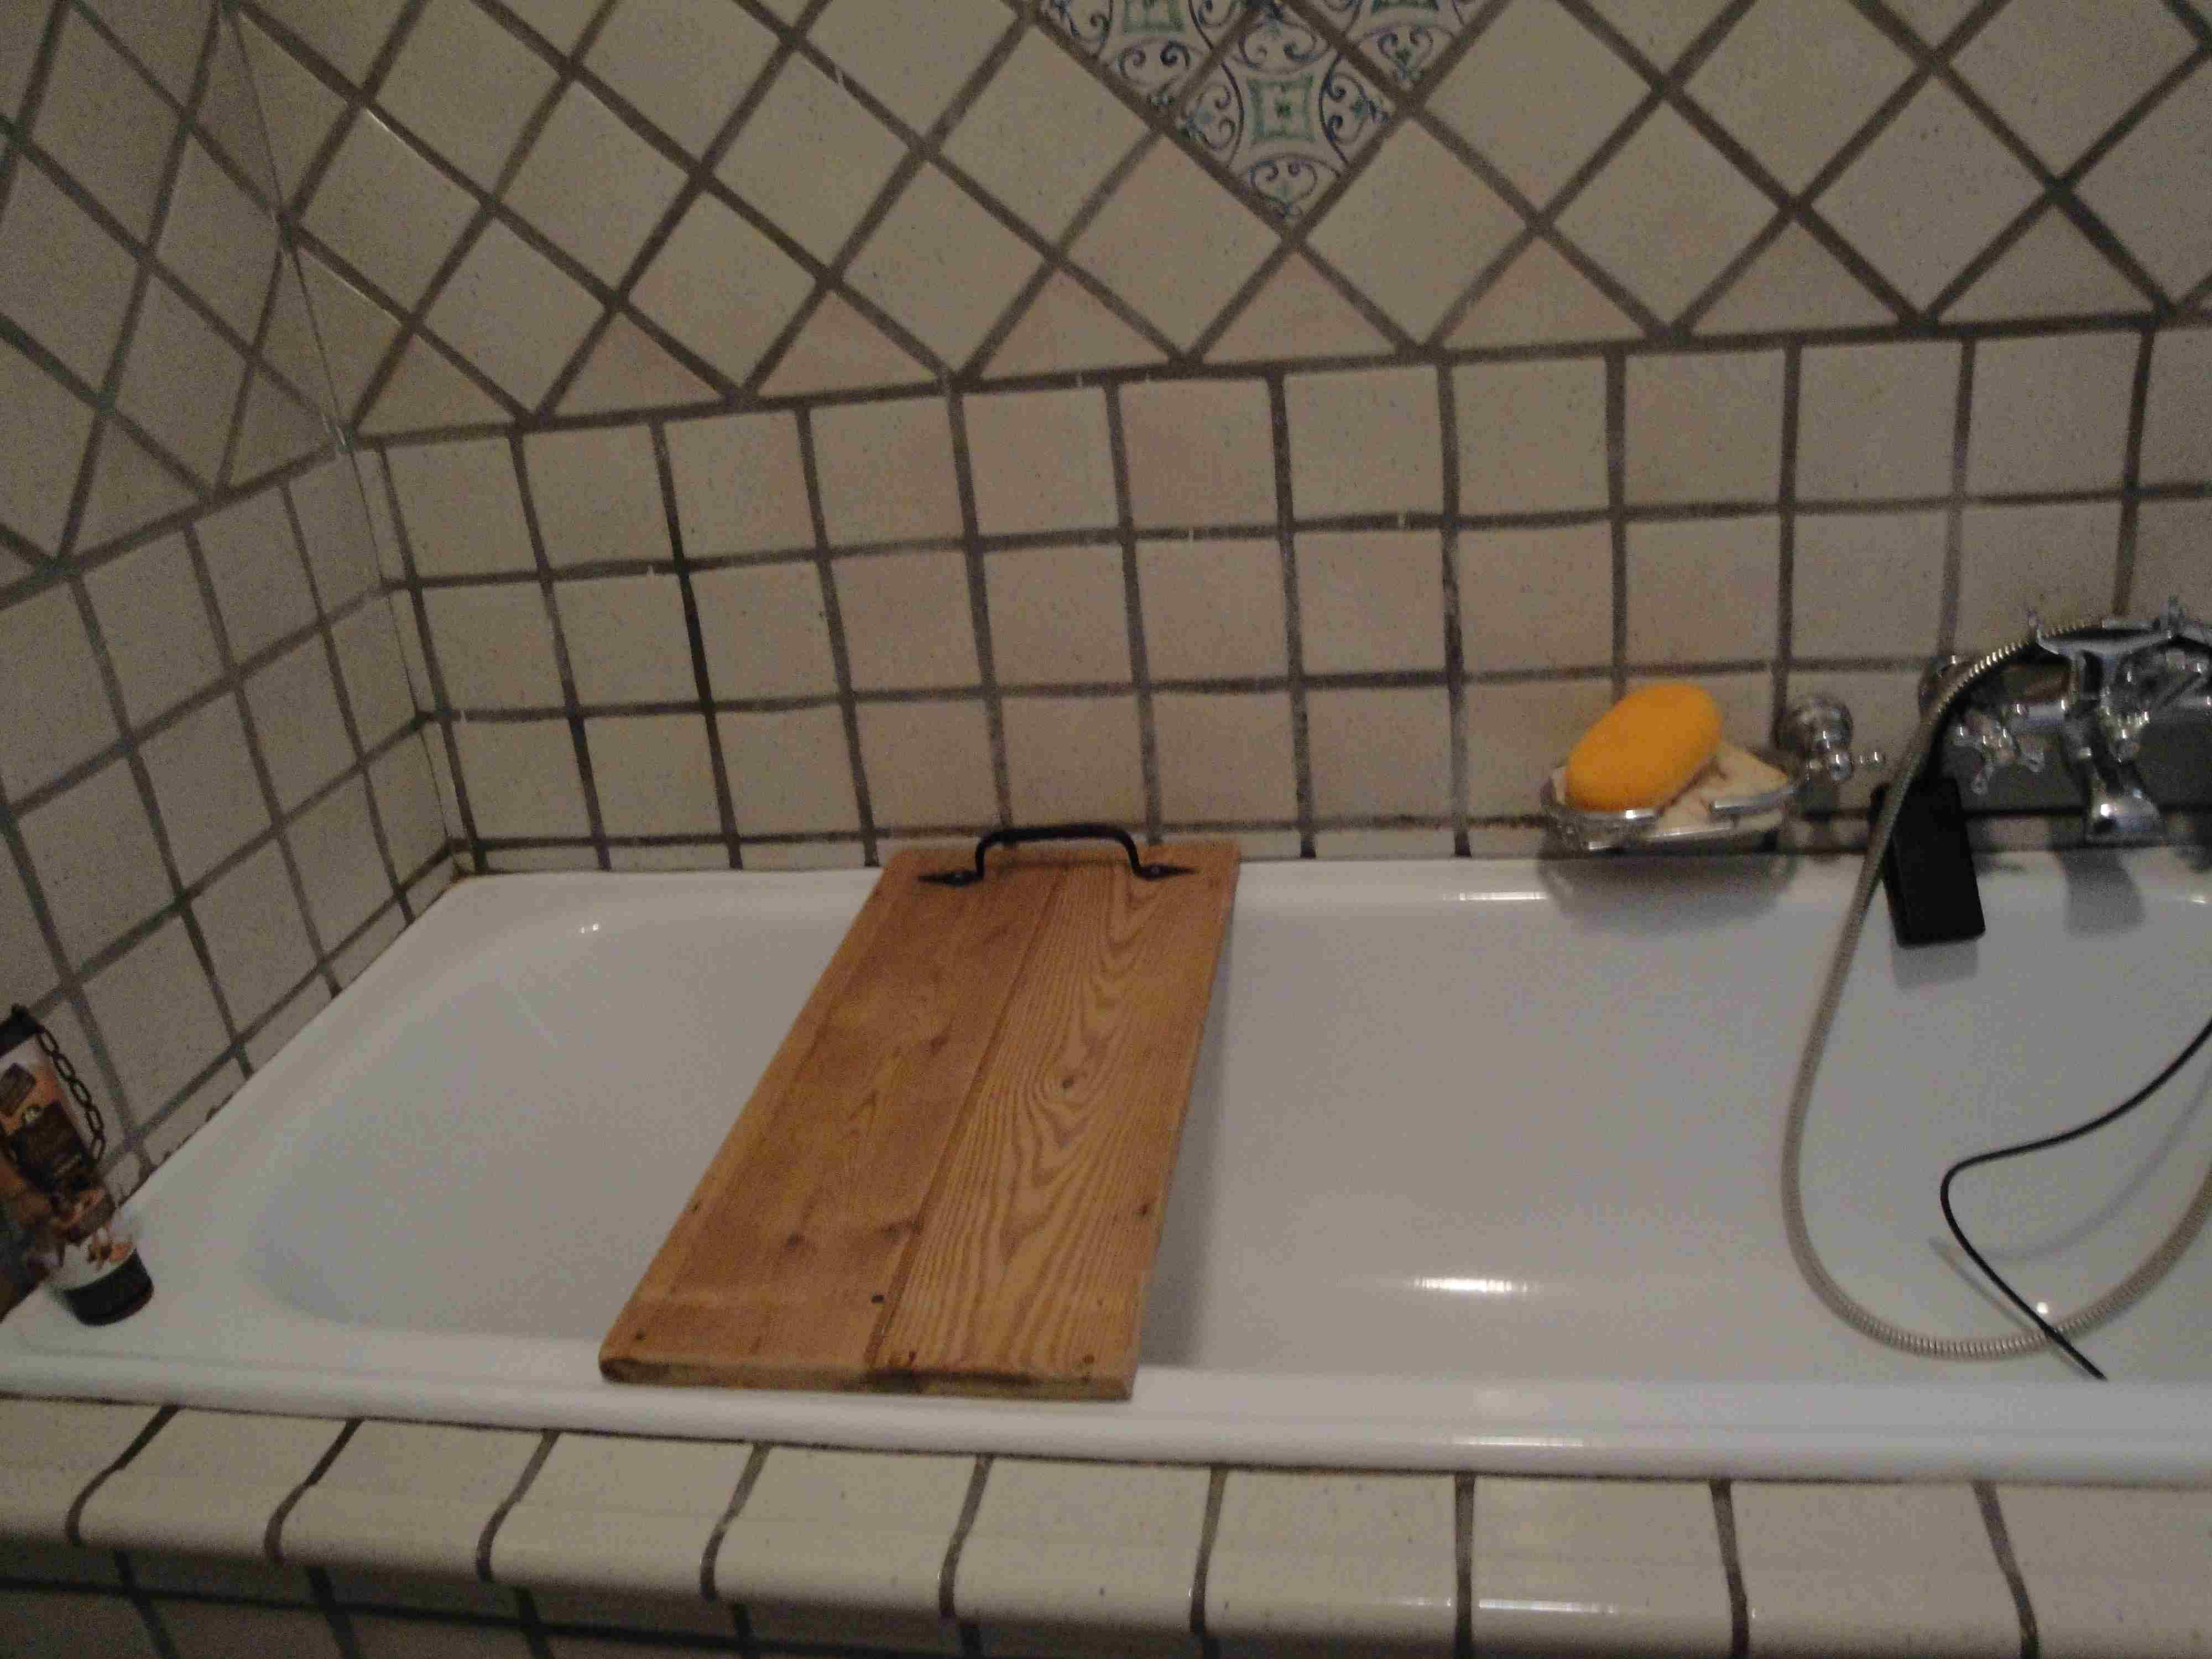 Vasca Da Bagno Artigianale : Asse per vasca in legno le buone prassi